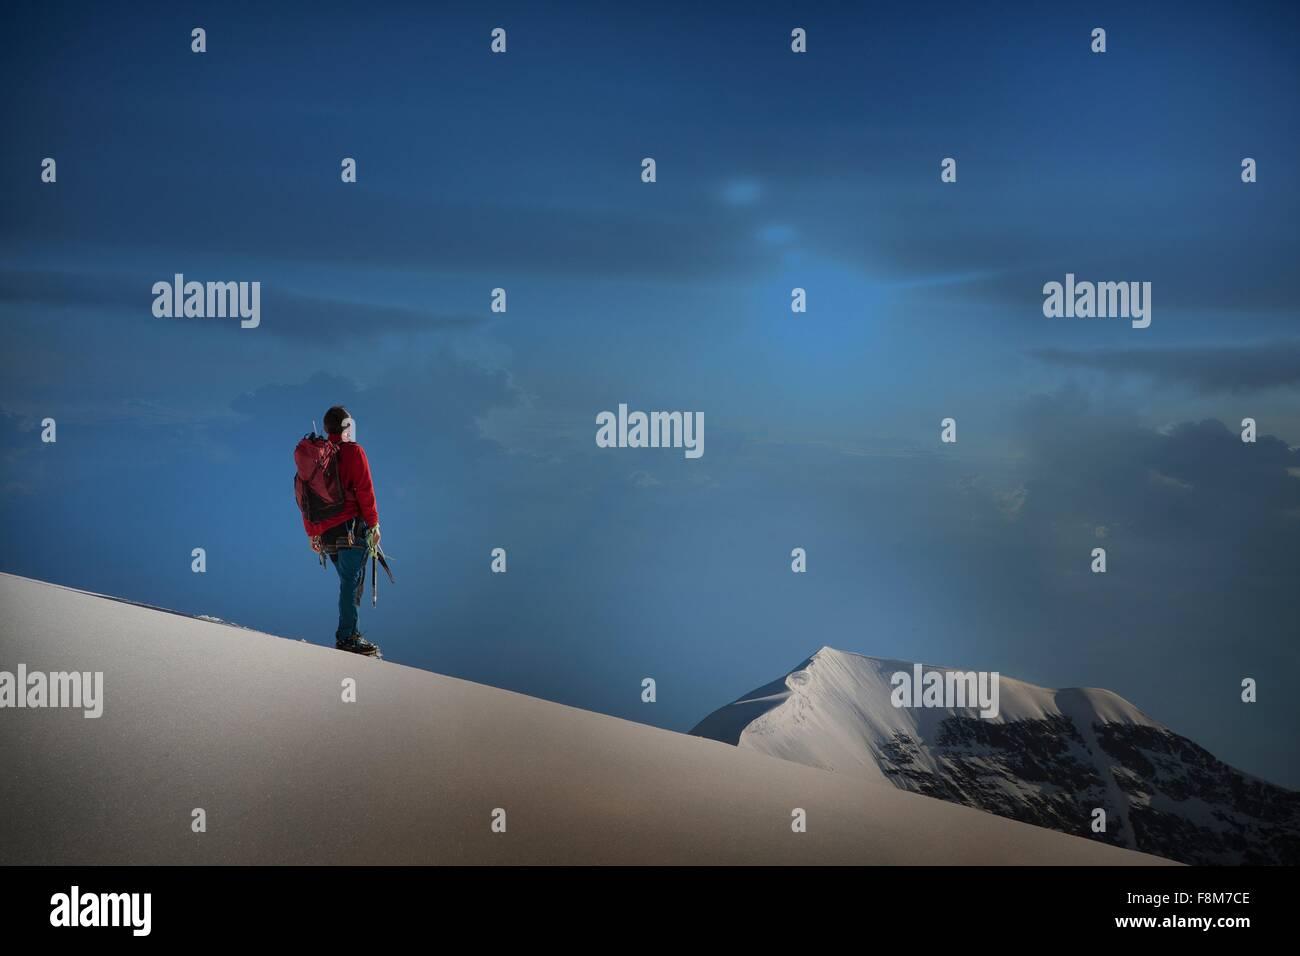 Grimpeur mâle debout sur ridge à out, dans le canton de Berne, Suisse Photo Stock